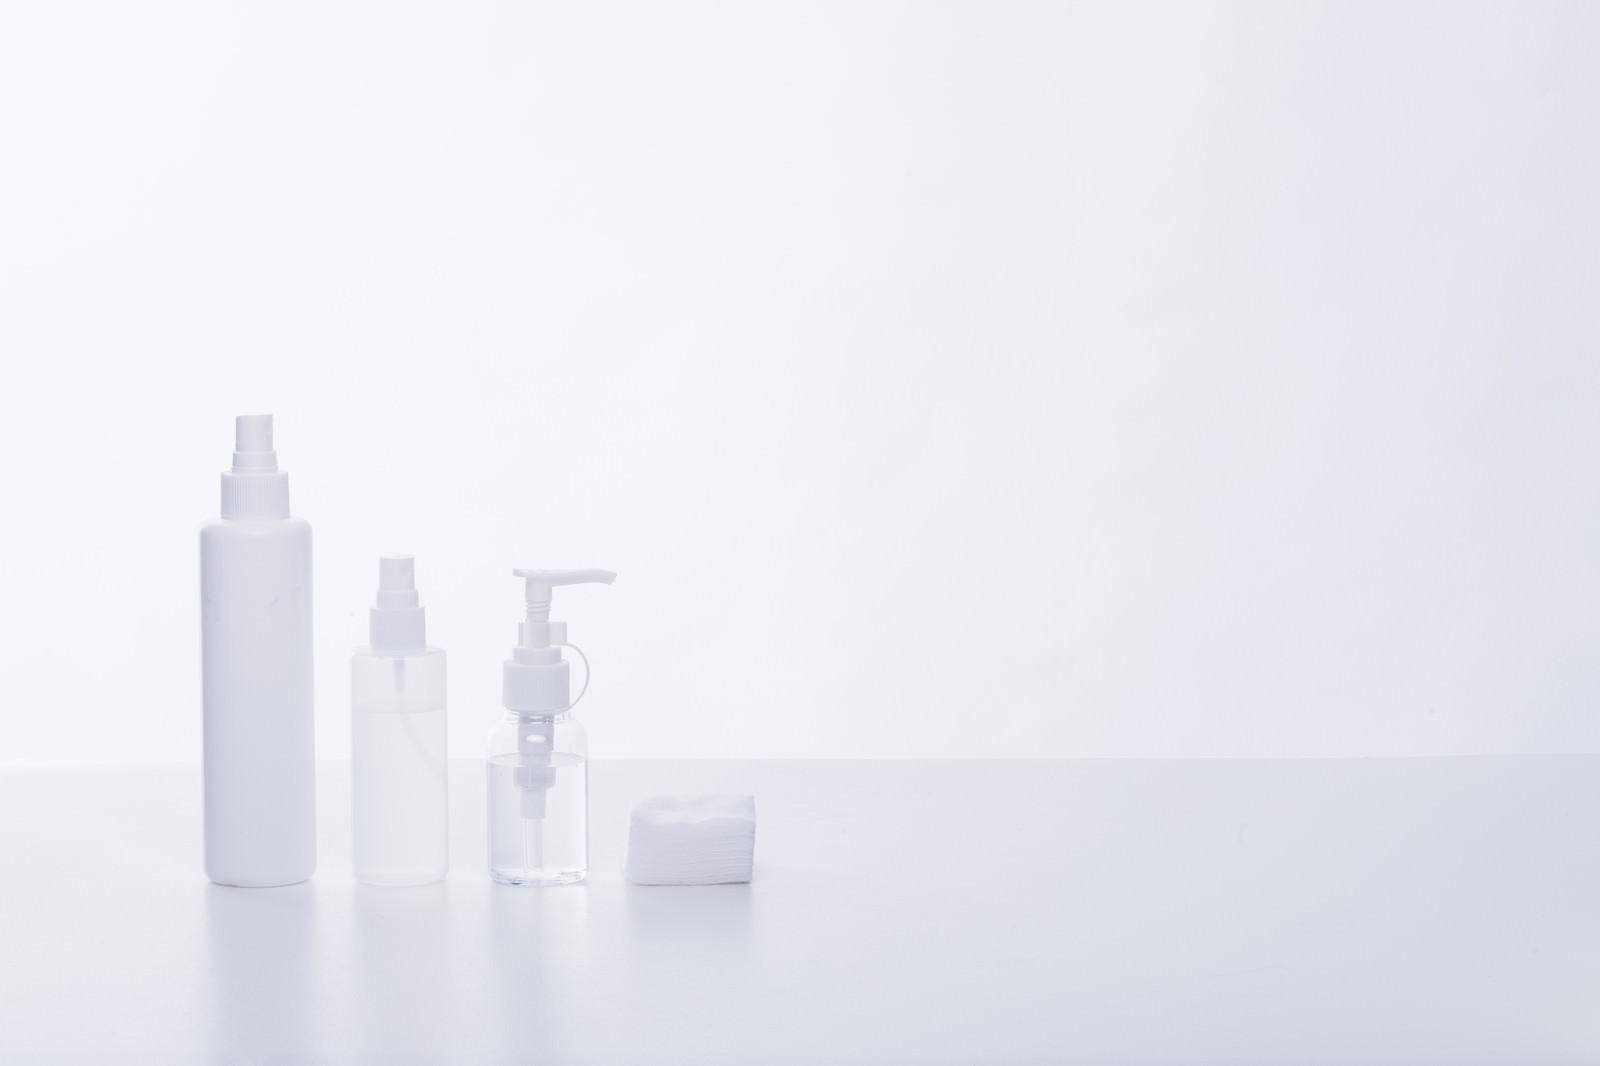 「化粧水ボトルとコットン化粧水ボトルとコットン」のフリー写真素材を拡大